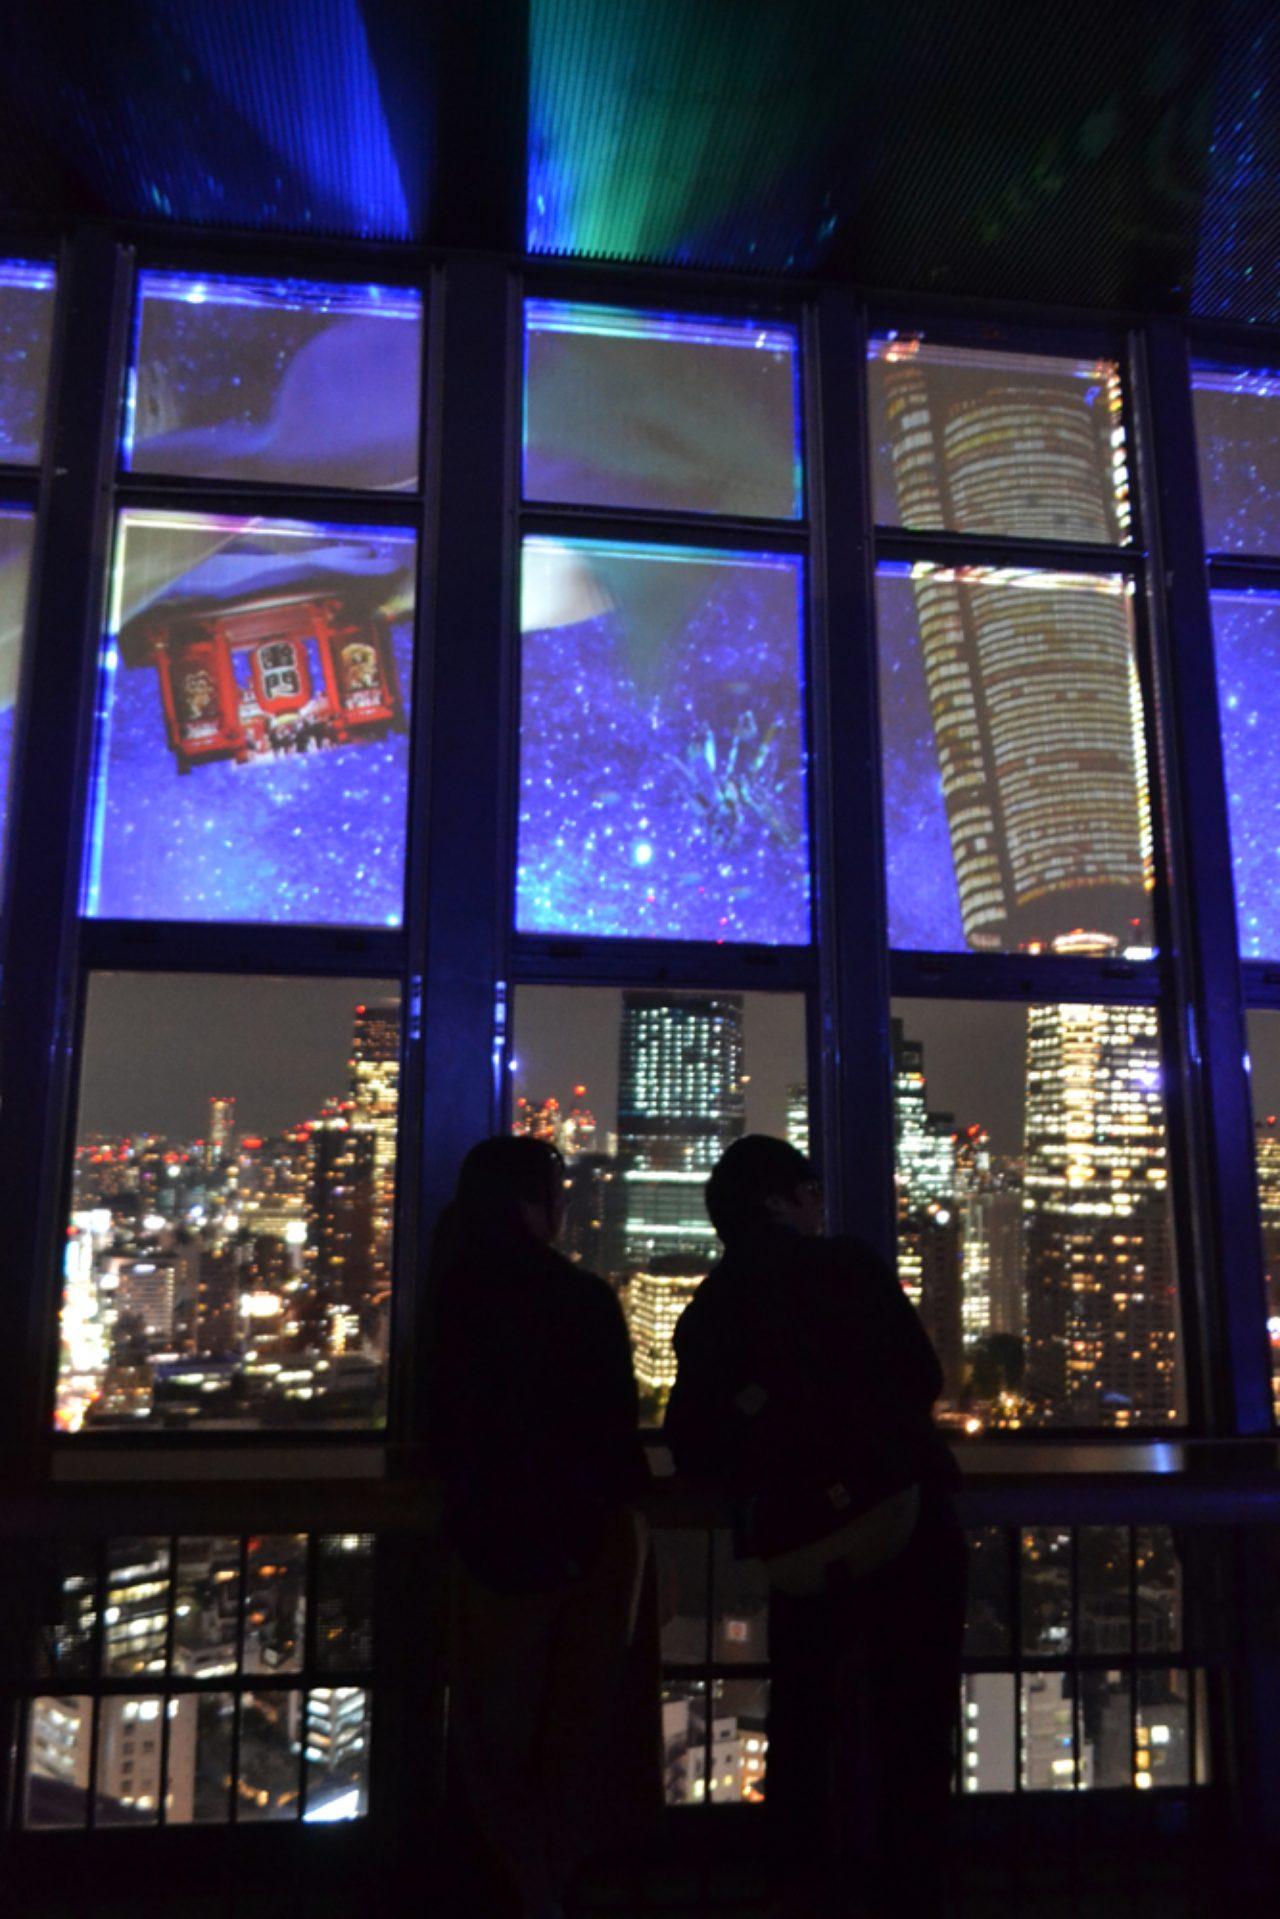 画像2: 「TOKYO TOWER CITY LIGHT FANTASIA 2015-2016」 プロジェクションマッピングがバージョンアップ!